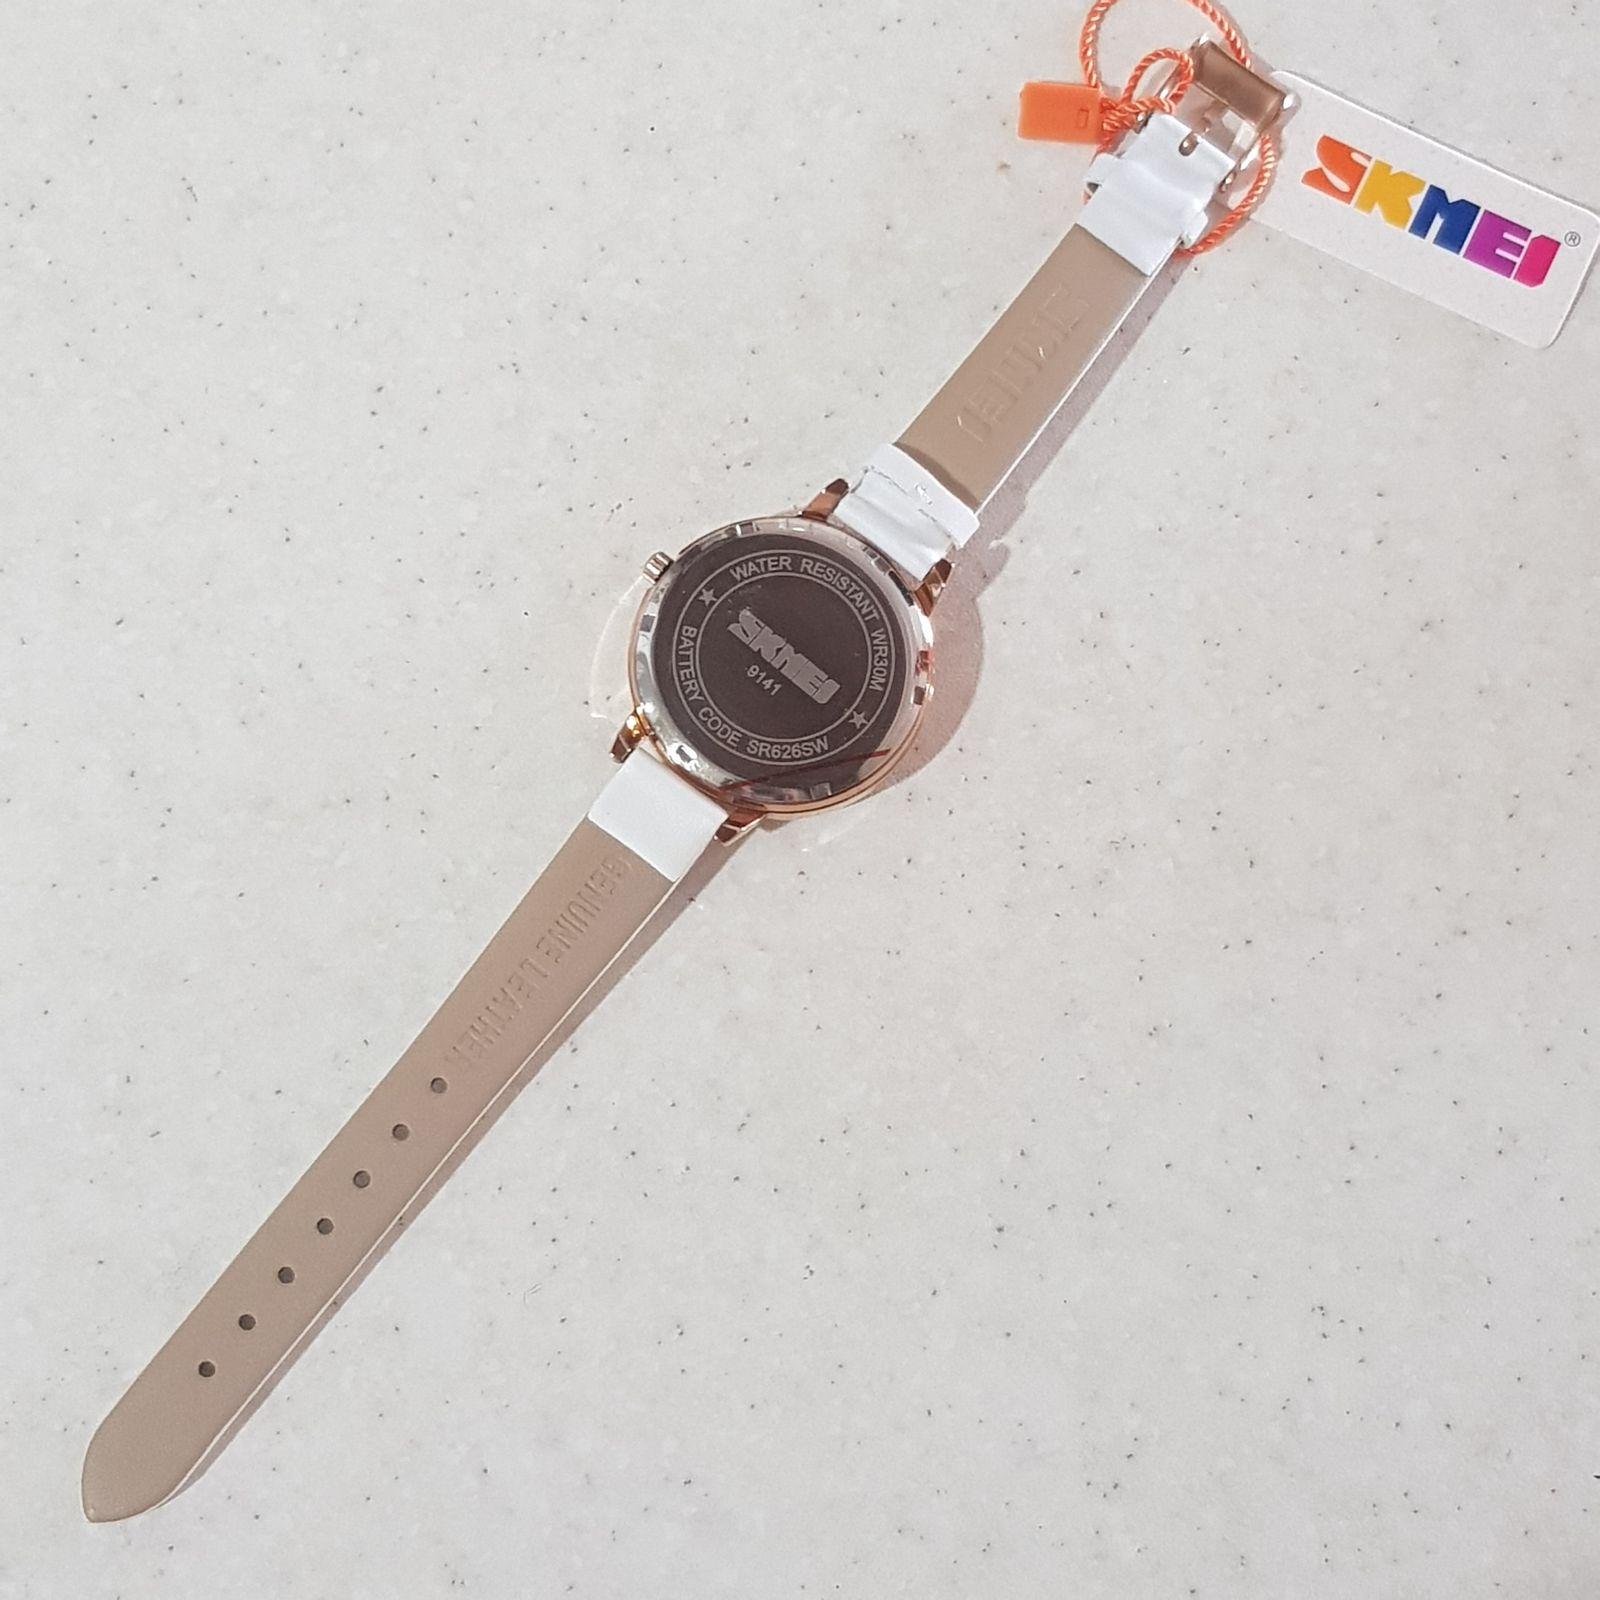 ساعت مچی عقربه ای زنانه اسکمی مدل 41-91 کد 03 -  - 4